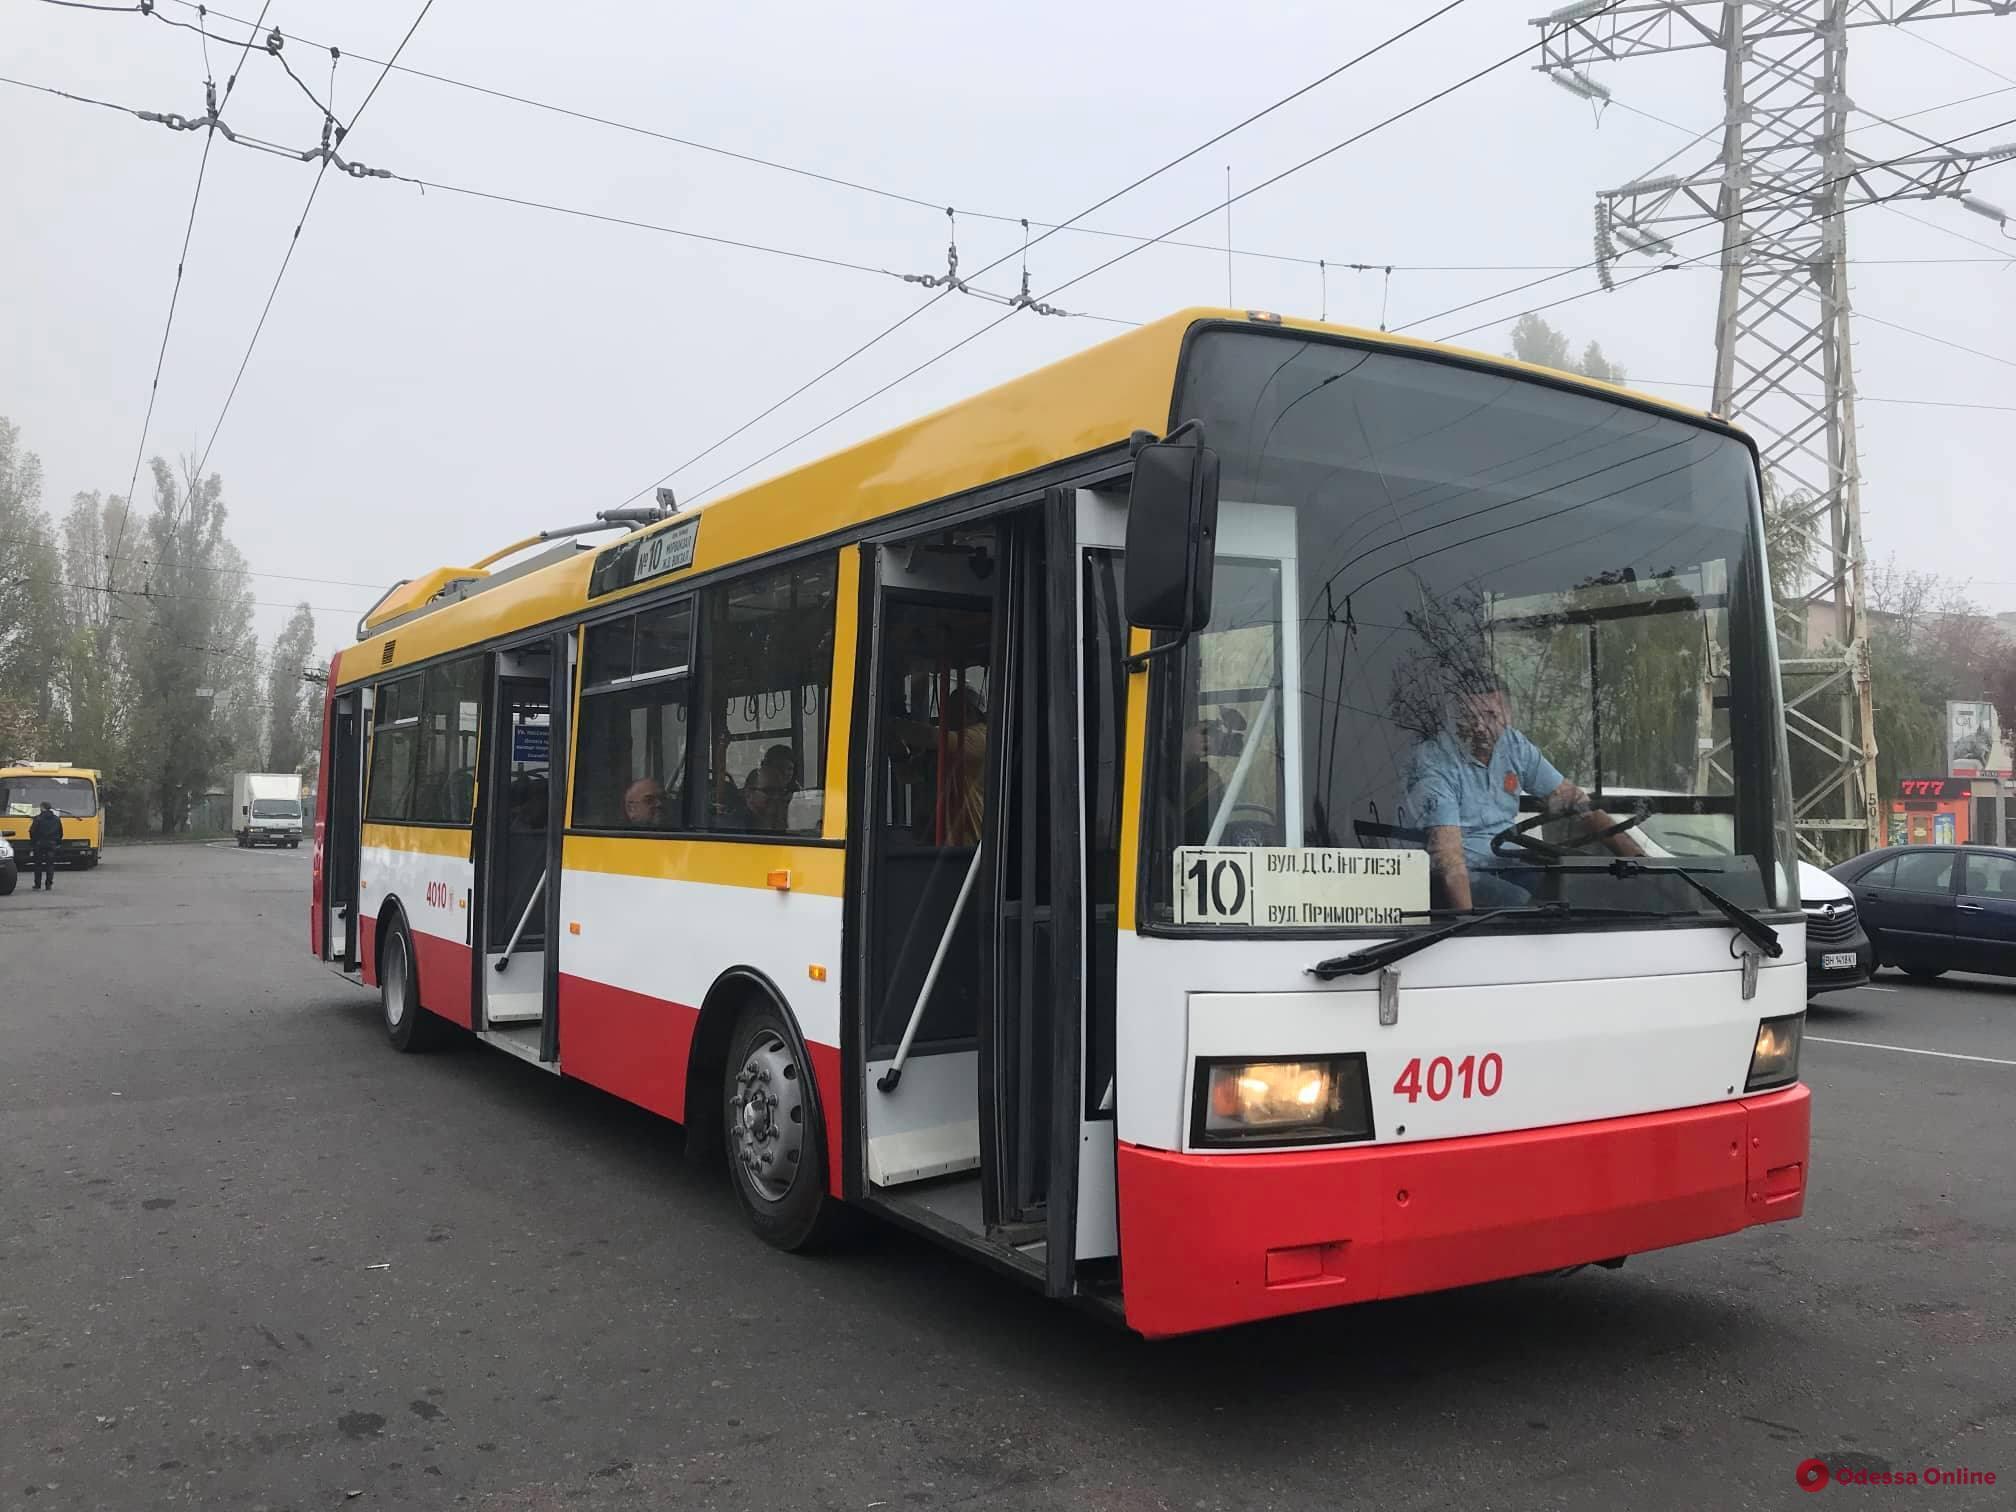 Экологично и экономично: в Одессе запустили первый электробус (фото, видео)